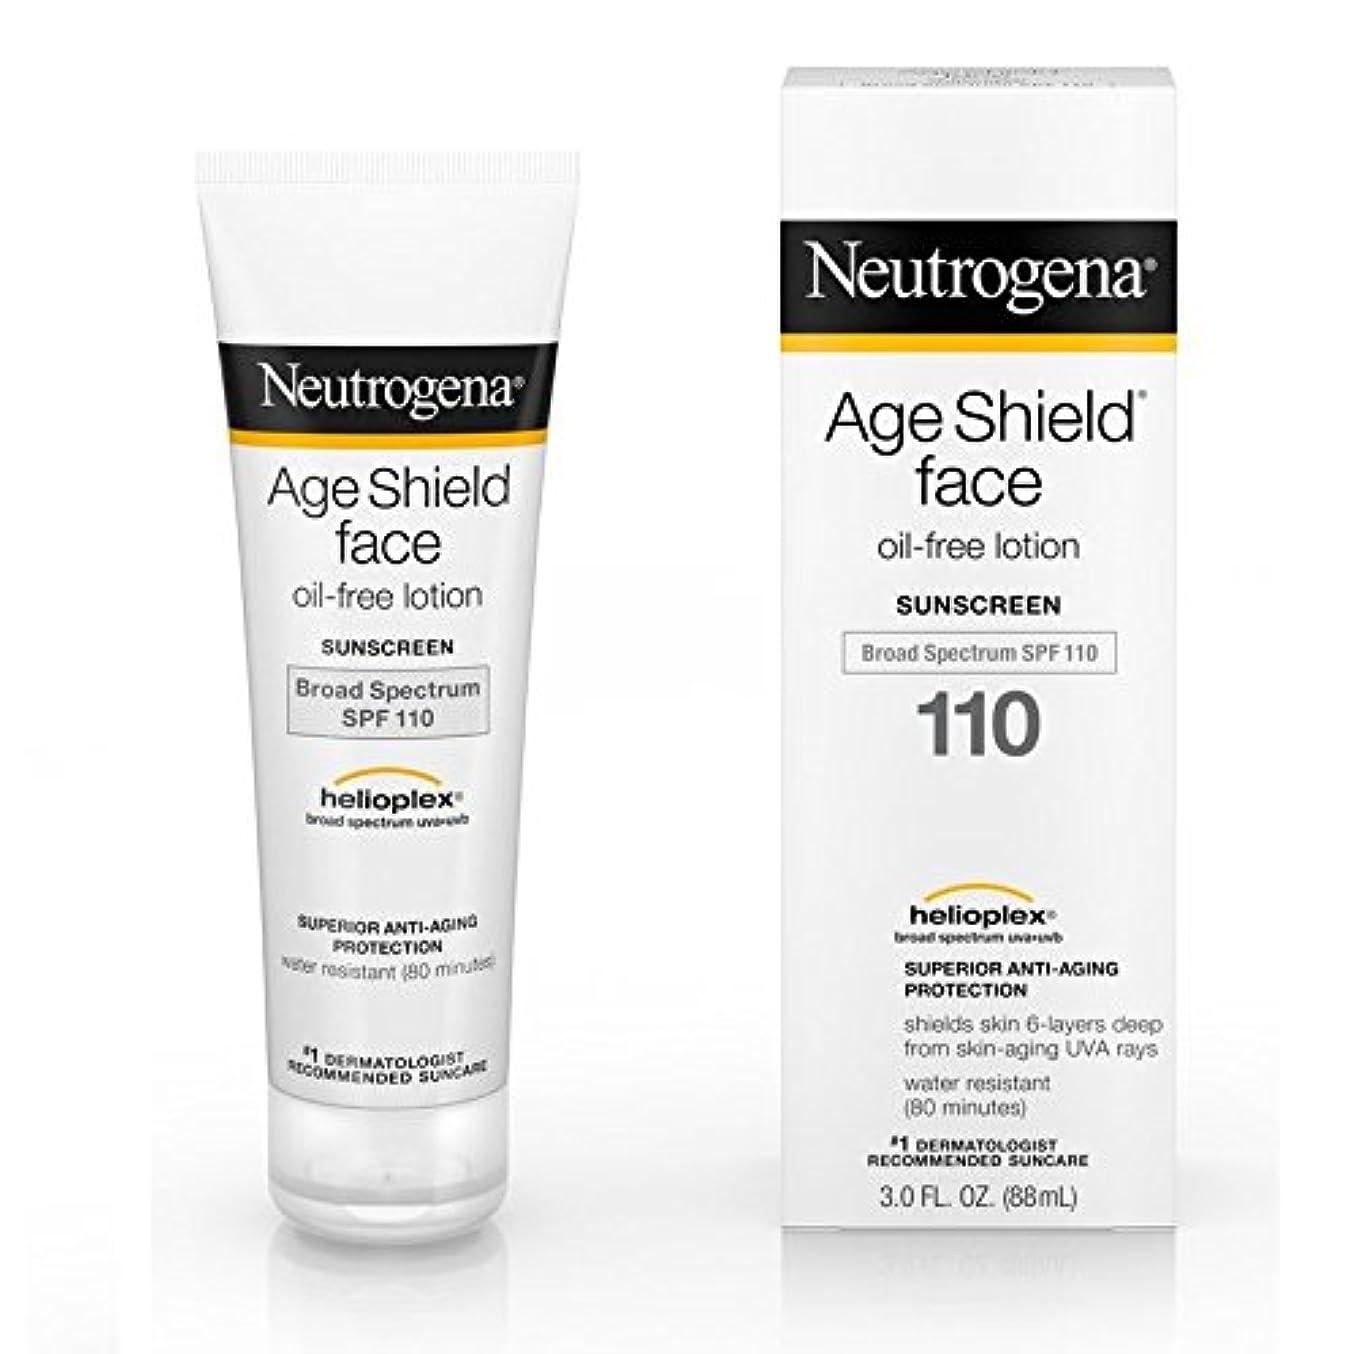 バランスのとれたしてはいけません乱気流【海外直送品】Neutrogena Age Shield? Face Oil-Free Lotion Sunscreen Broad Spectrum SPF 110 - 3 FL OZ(88ml)